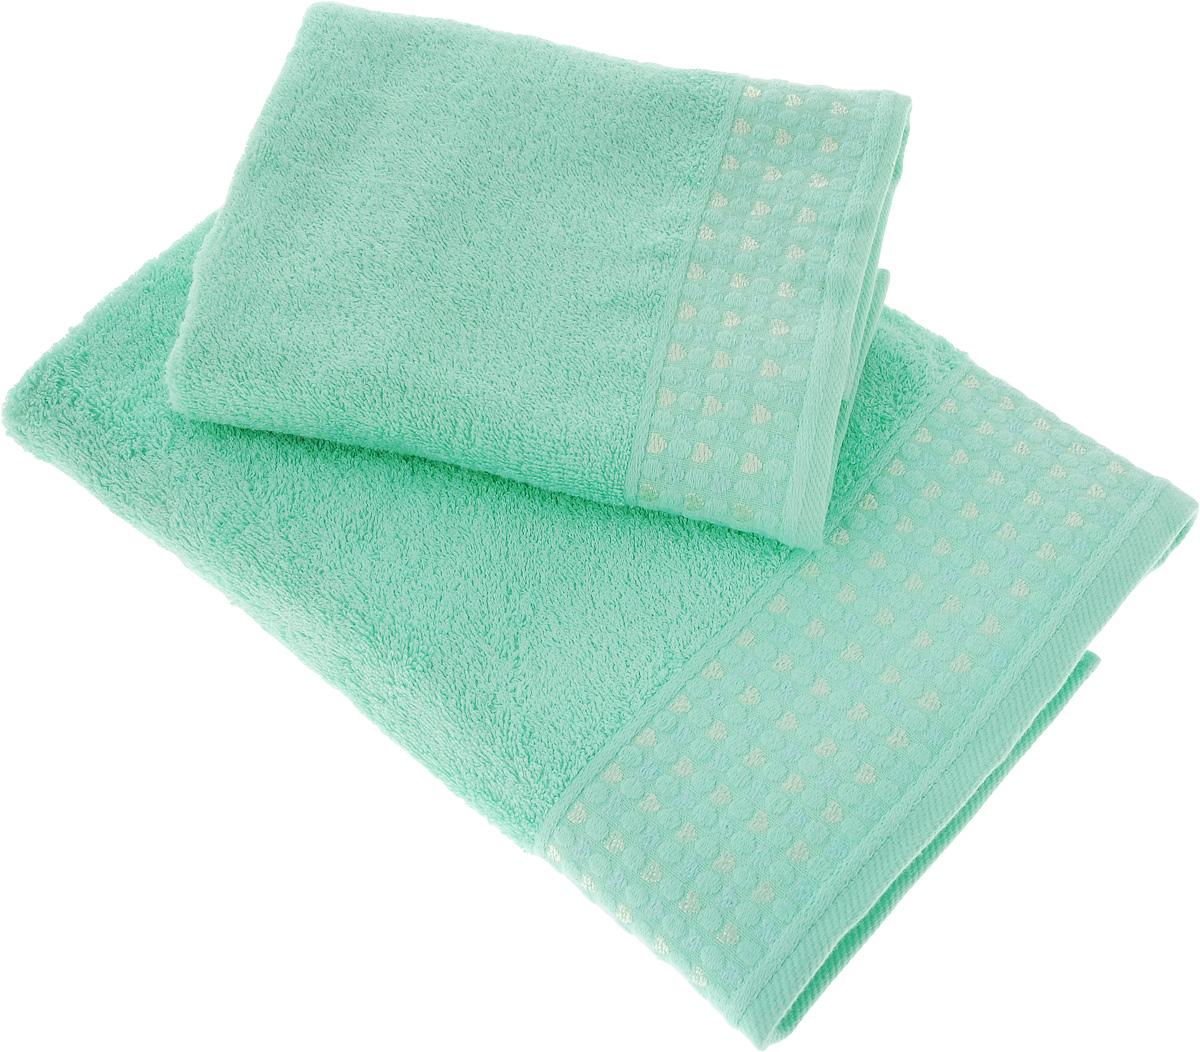 Набор полотенец Tete-a-Tete Сердечки, цвет: бирюзовый, 2 шт. УНП-104УНП-104-02_бирюзовыйНабор Tete-a-Tete Сердечки состоит из двух махровых полотенец, выполненных из натурального 100% хлопка. Бордюр полотенец декорирован сердечками и горошком. Изделия мягкие, отлично впитывают влагу, быстро сохнут, сохраняют яркость цвета и не теряют форму даже после многократных стирок. Полотенца Tete-a-Tete Сердечки очень практичны и неприхотливы в уходе. Они легко впишутся в любой интерьер благодаря своей нежной цветовой гамме.